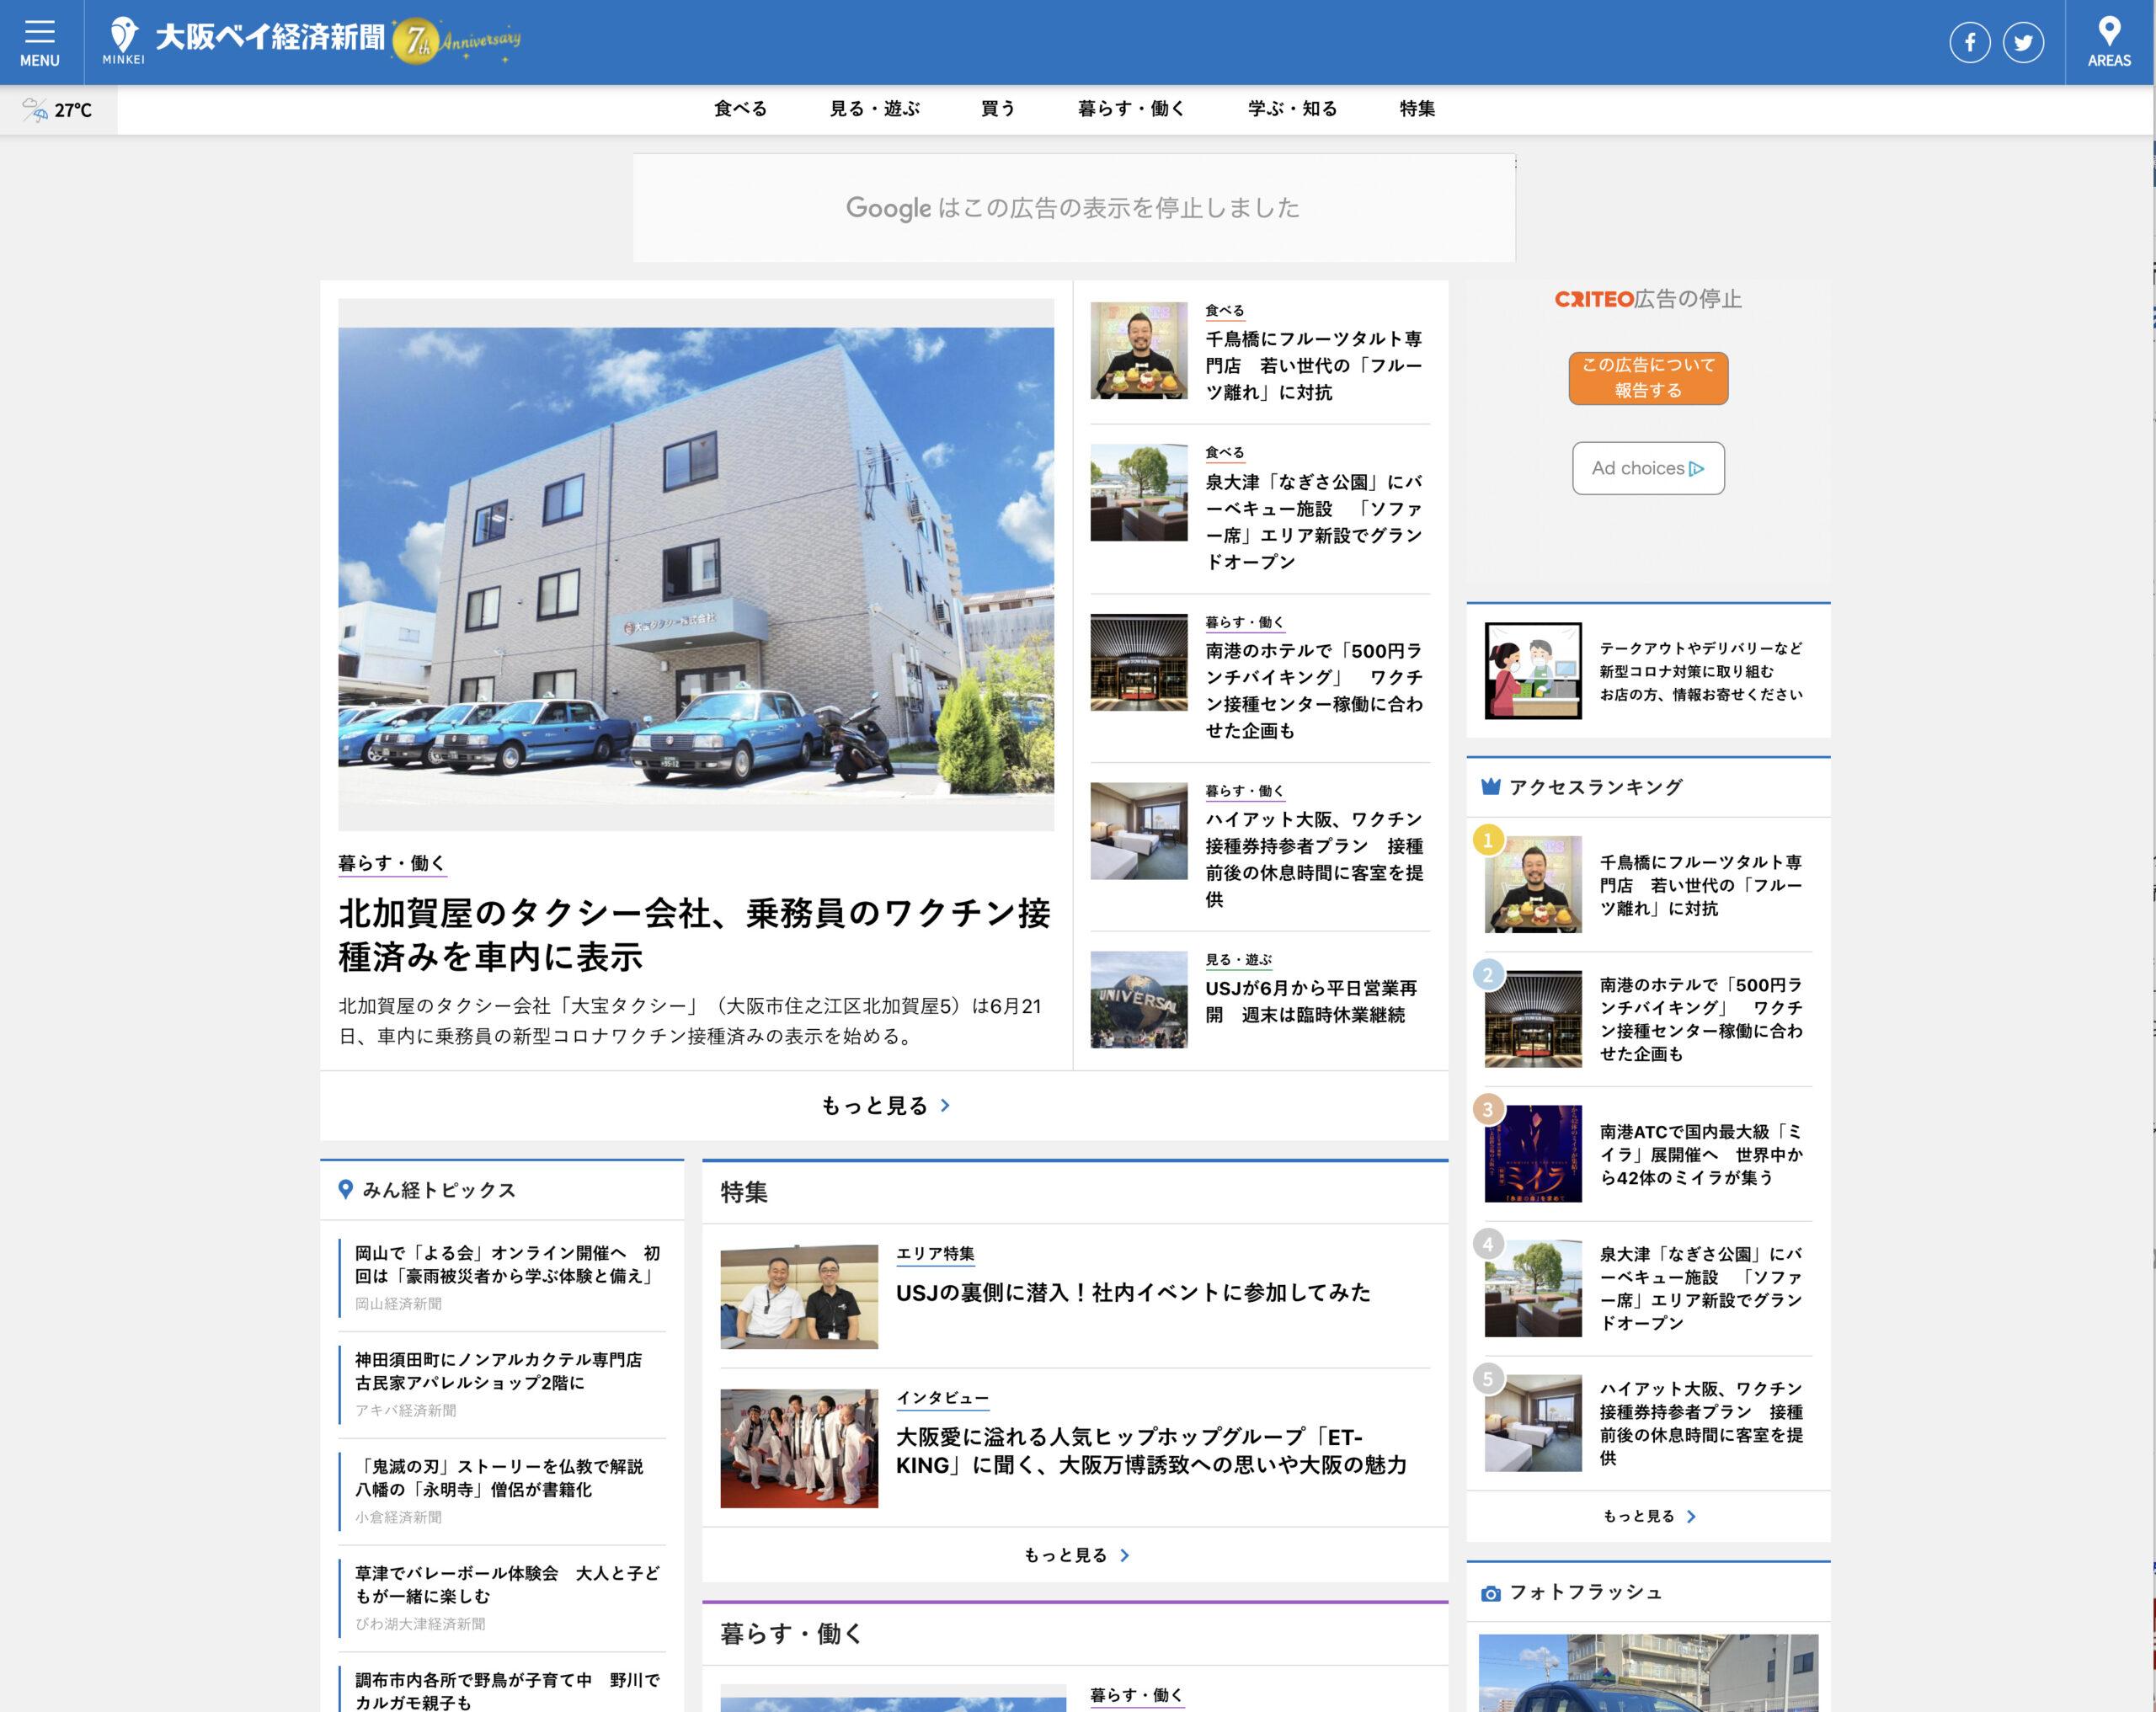 大阪ベイ経済新聞のトップニュースに掲載されました